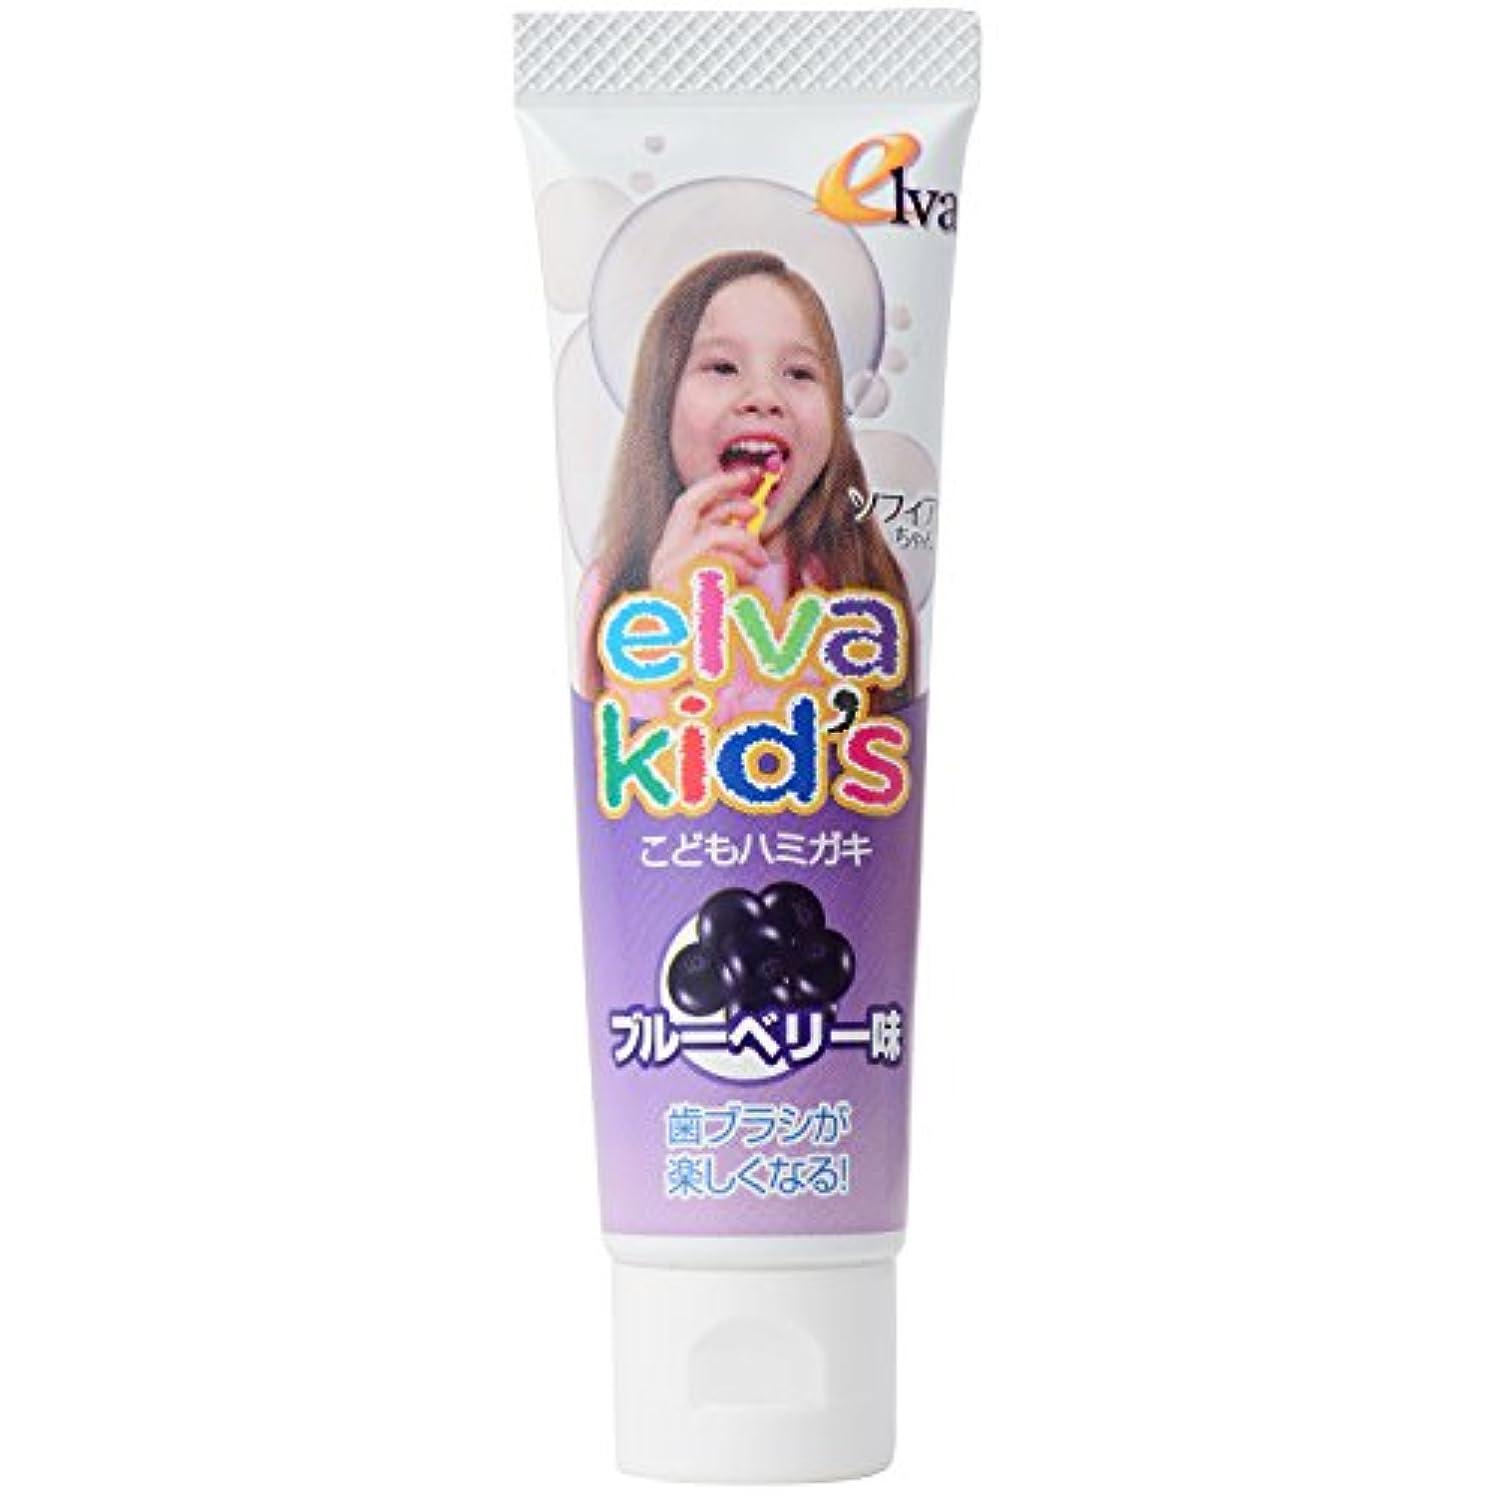 計画的両方リハーサルエルバキッズ お母さんも安心のこだわりの歯磨き粉 フッ素なし ブルーベリー味 2個セット